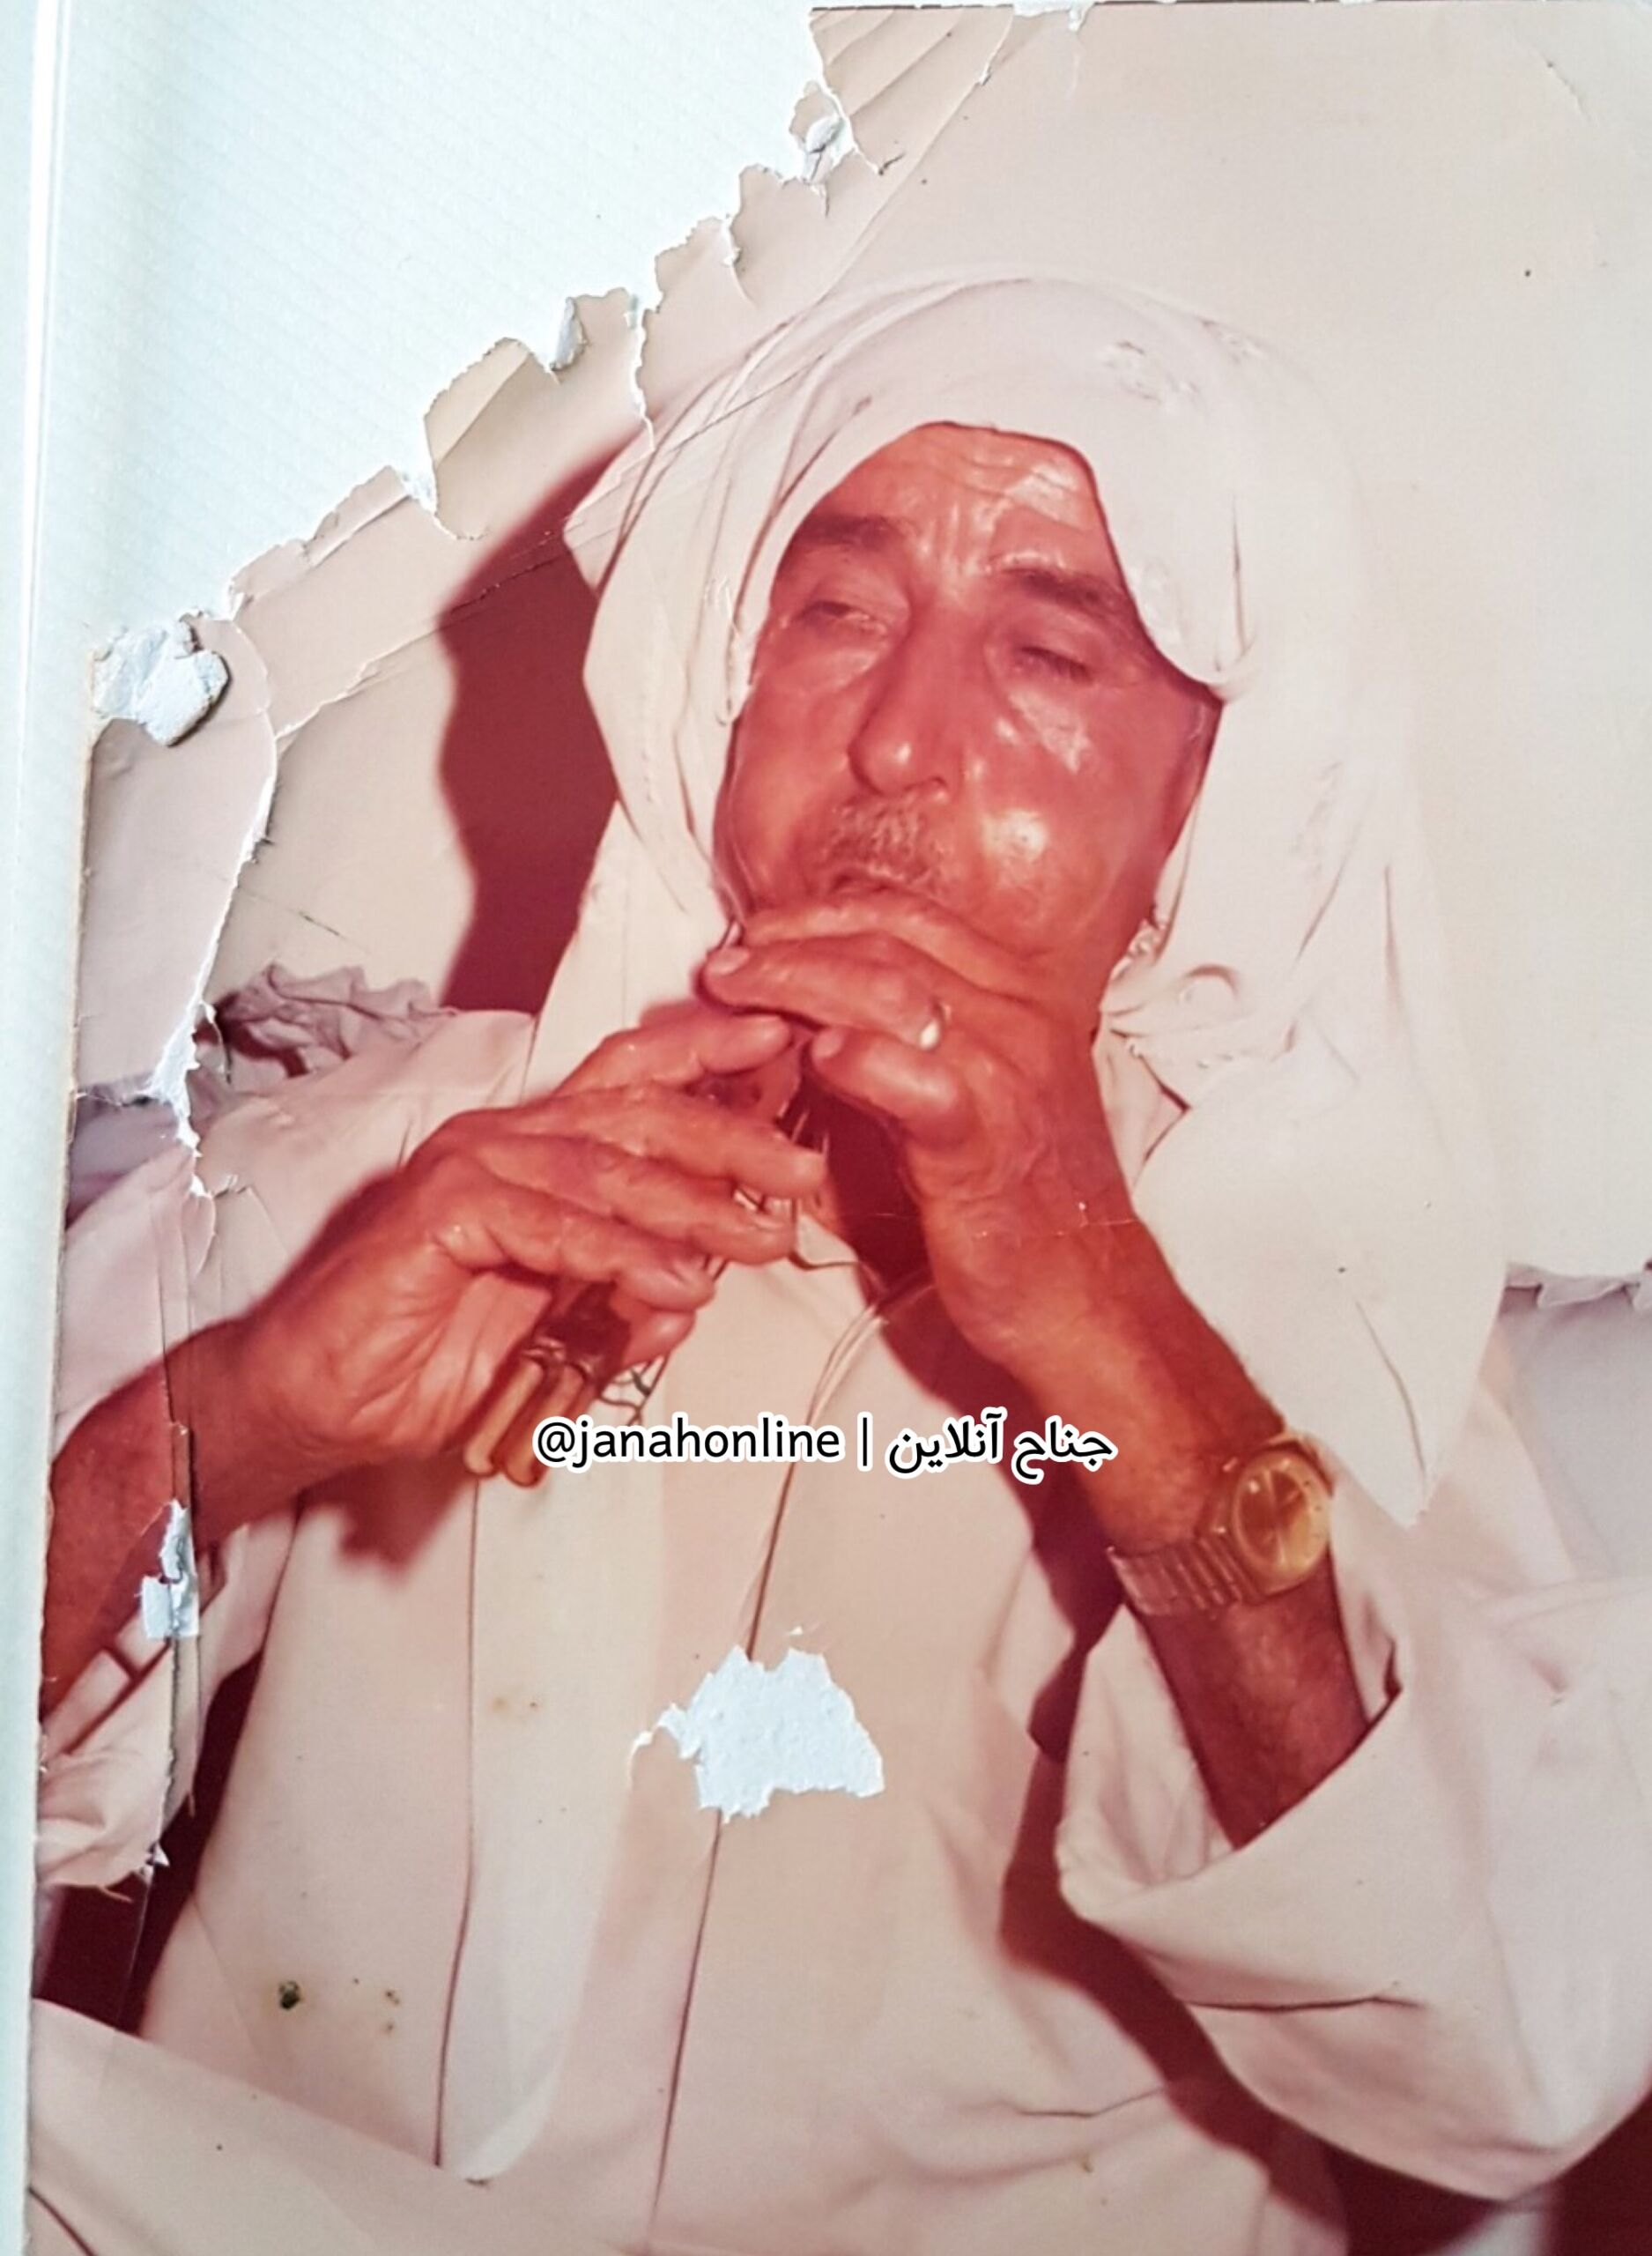 صدای جفتی یوسف محمدحسین، دل مرده را زنده می کرد!